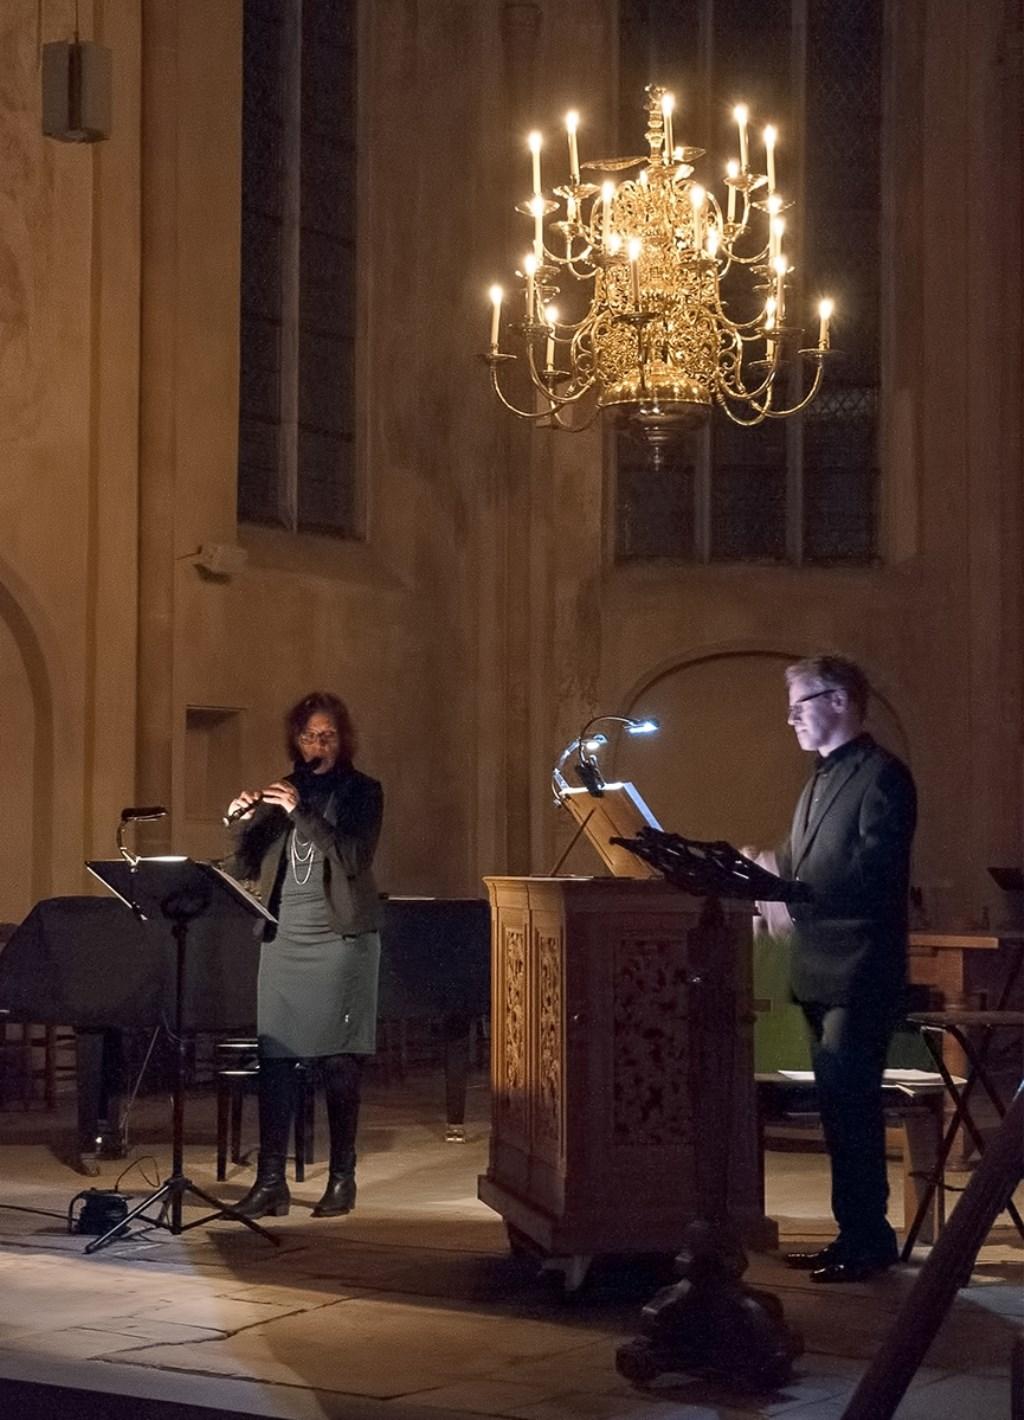 Hanne Feldhaus en Wim Ruessink. Foto: Marinus ter Horst